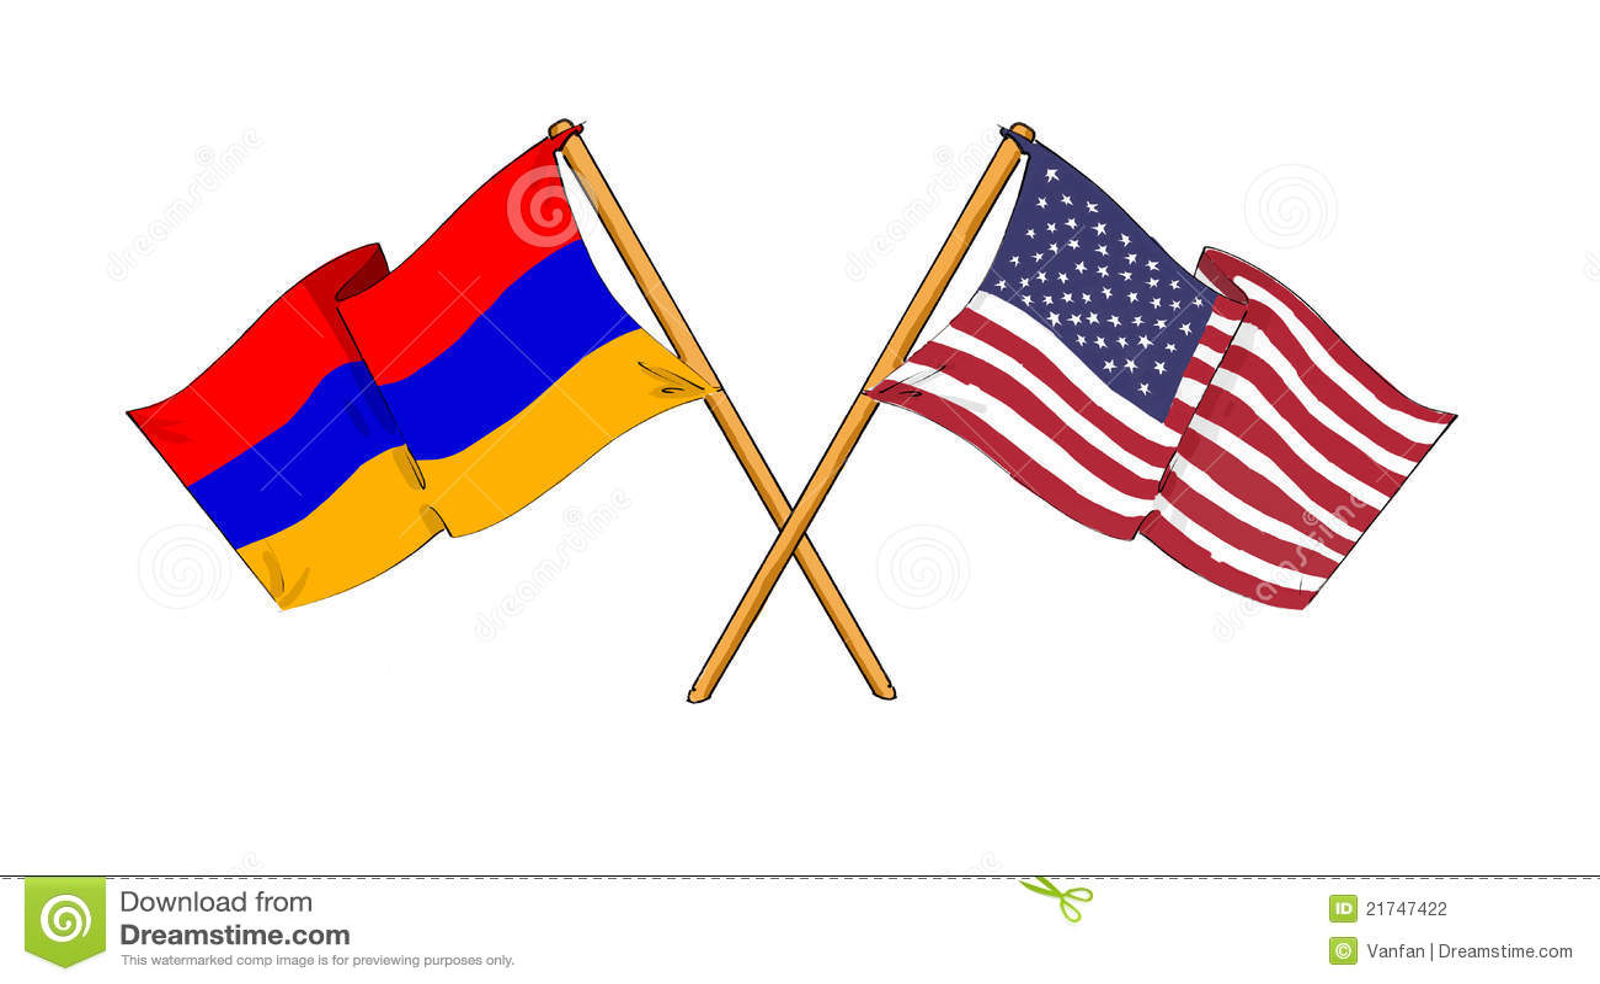 Amerikanisches Und Armenisches Bündnis Und Freundschaft Stock